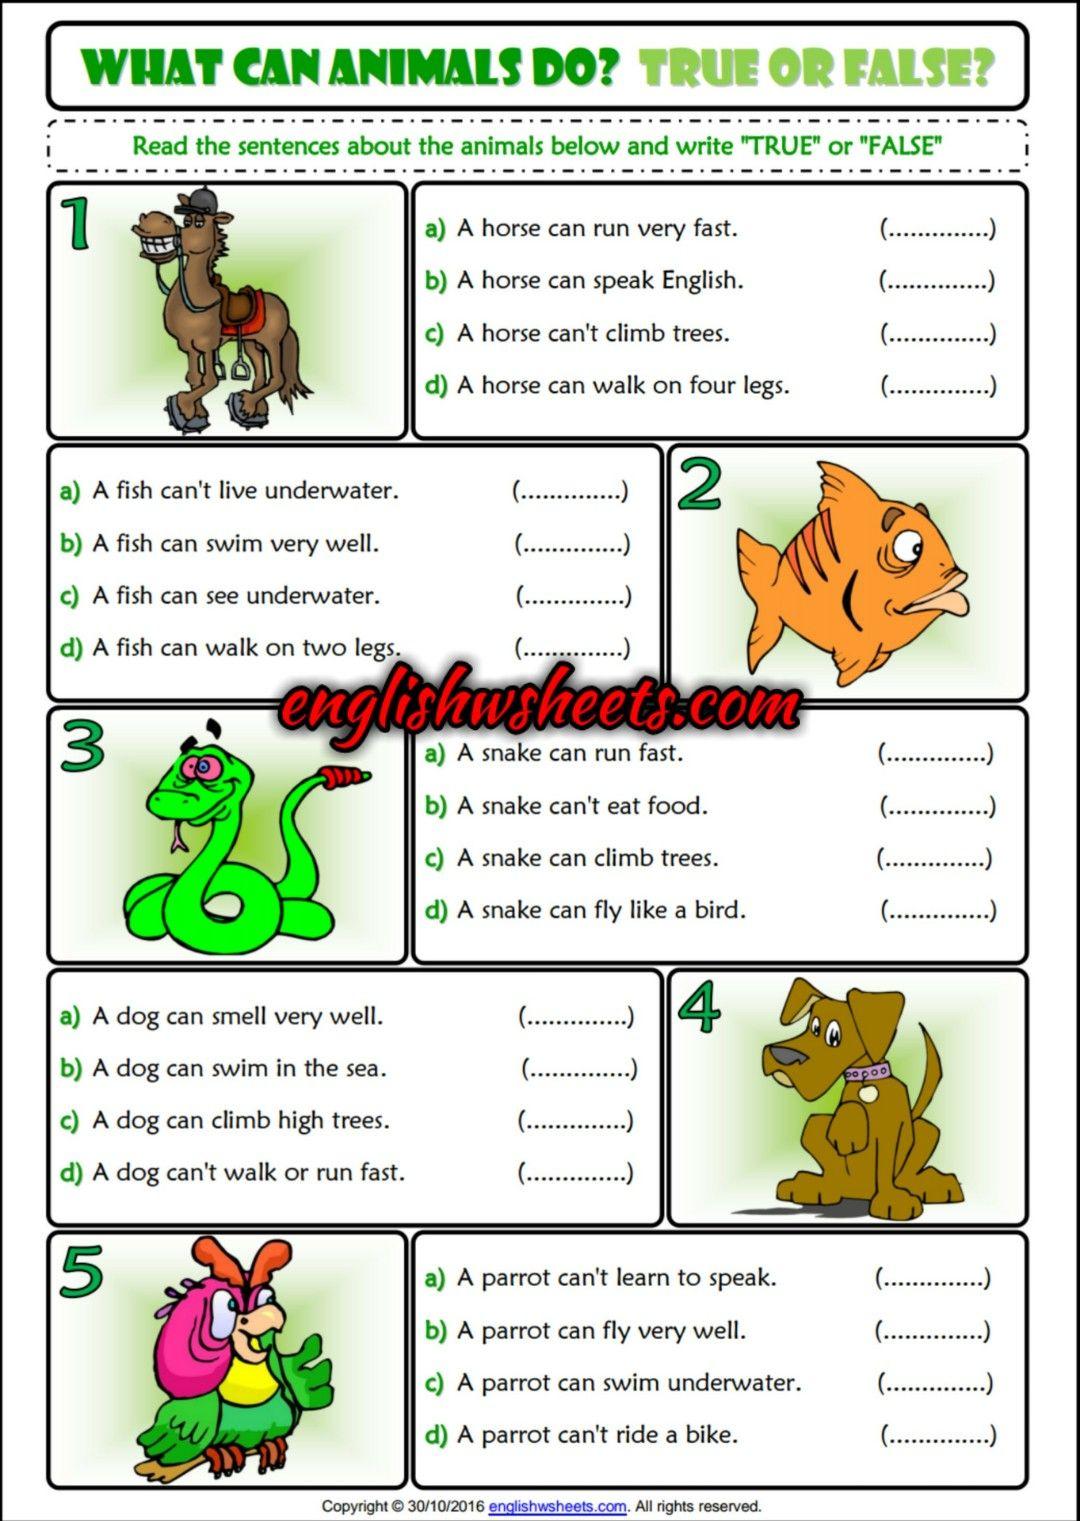 What Can Animals Do True Or False Esl Printable Grammar